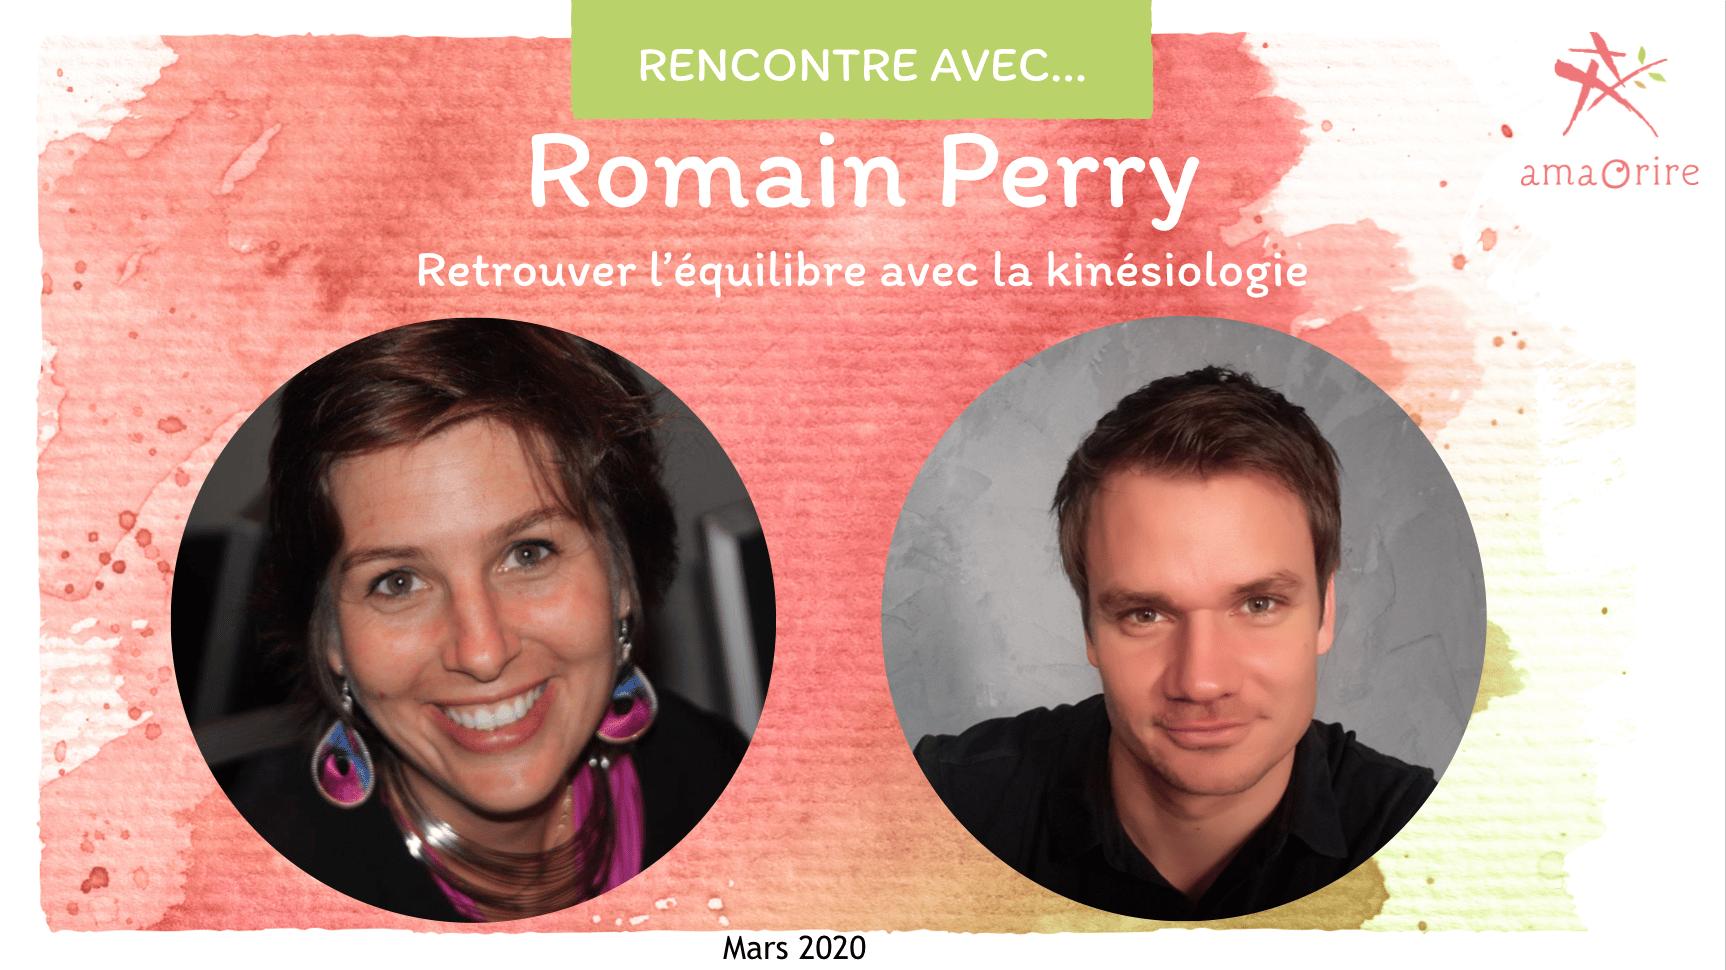 Romain Perry: trouver son équilibre avec la kinésiologie